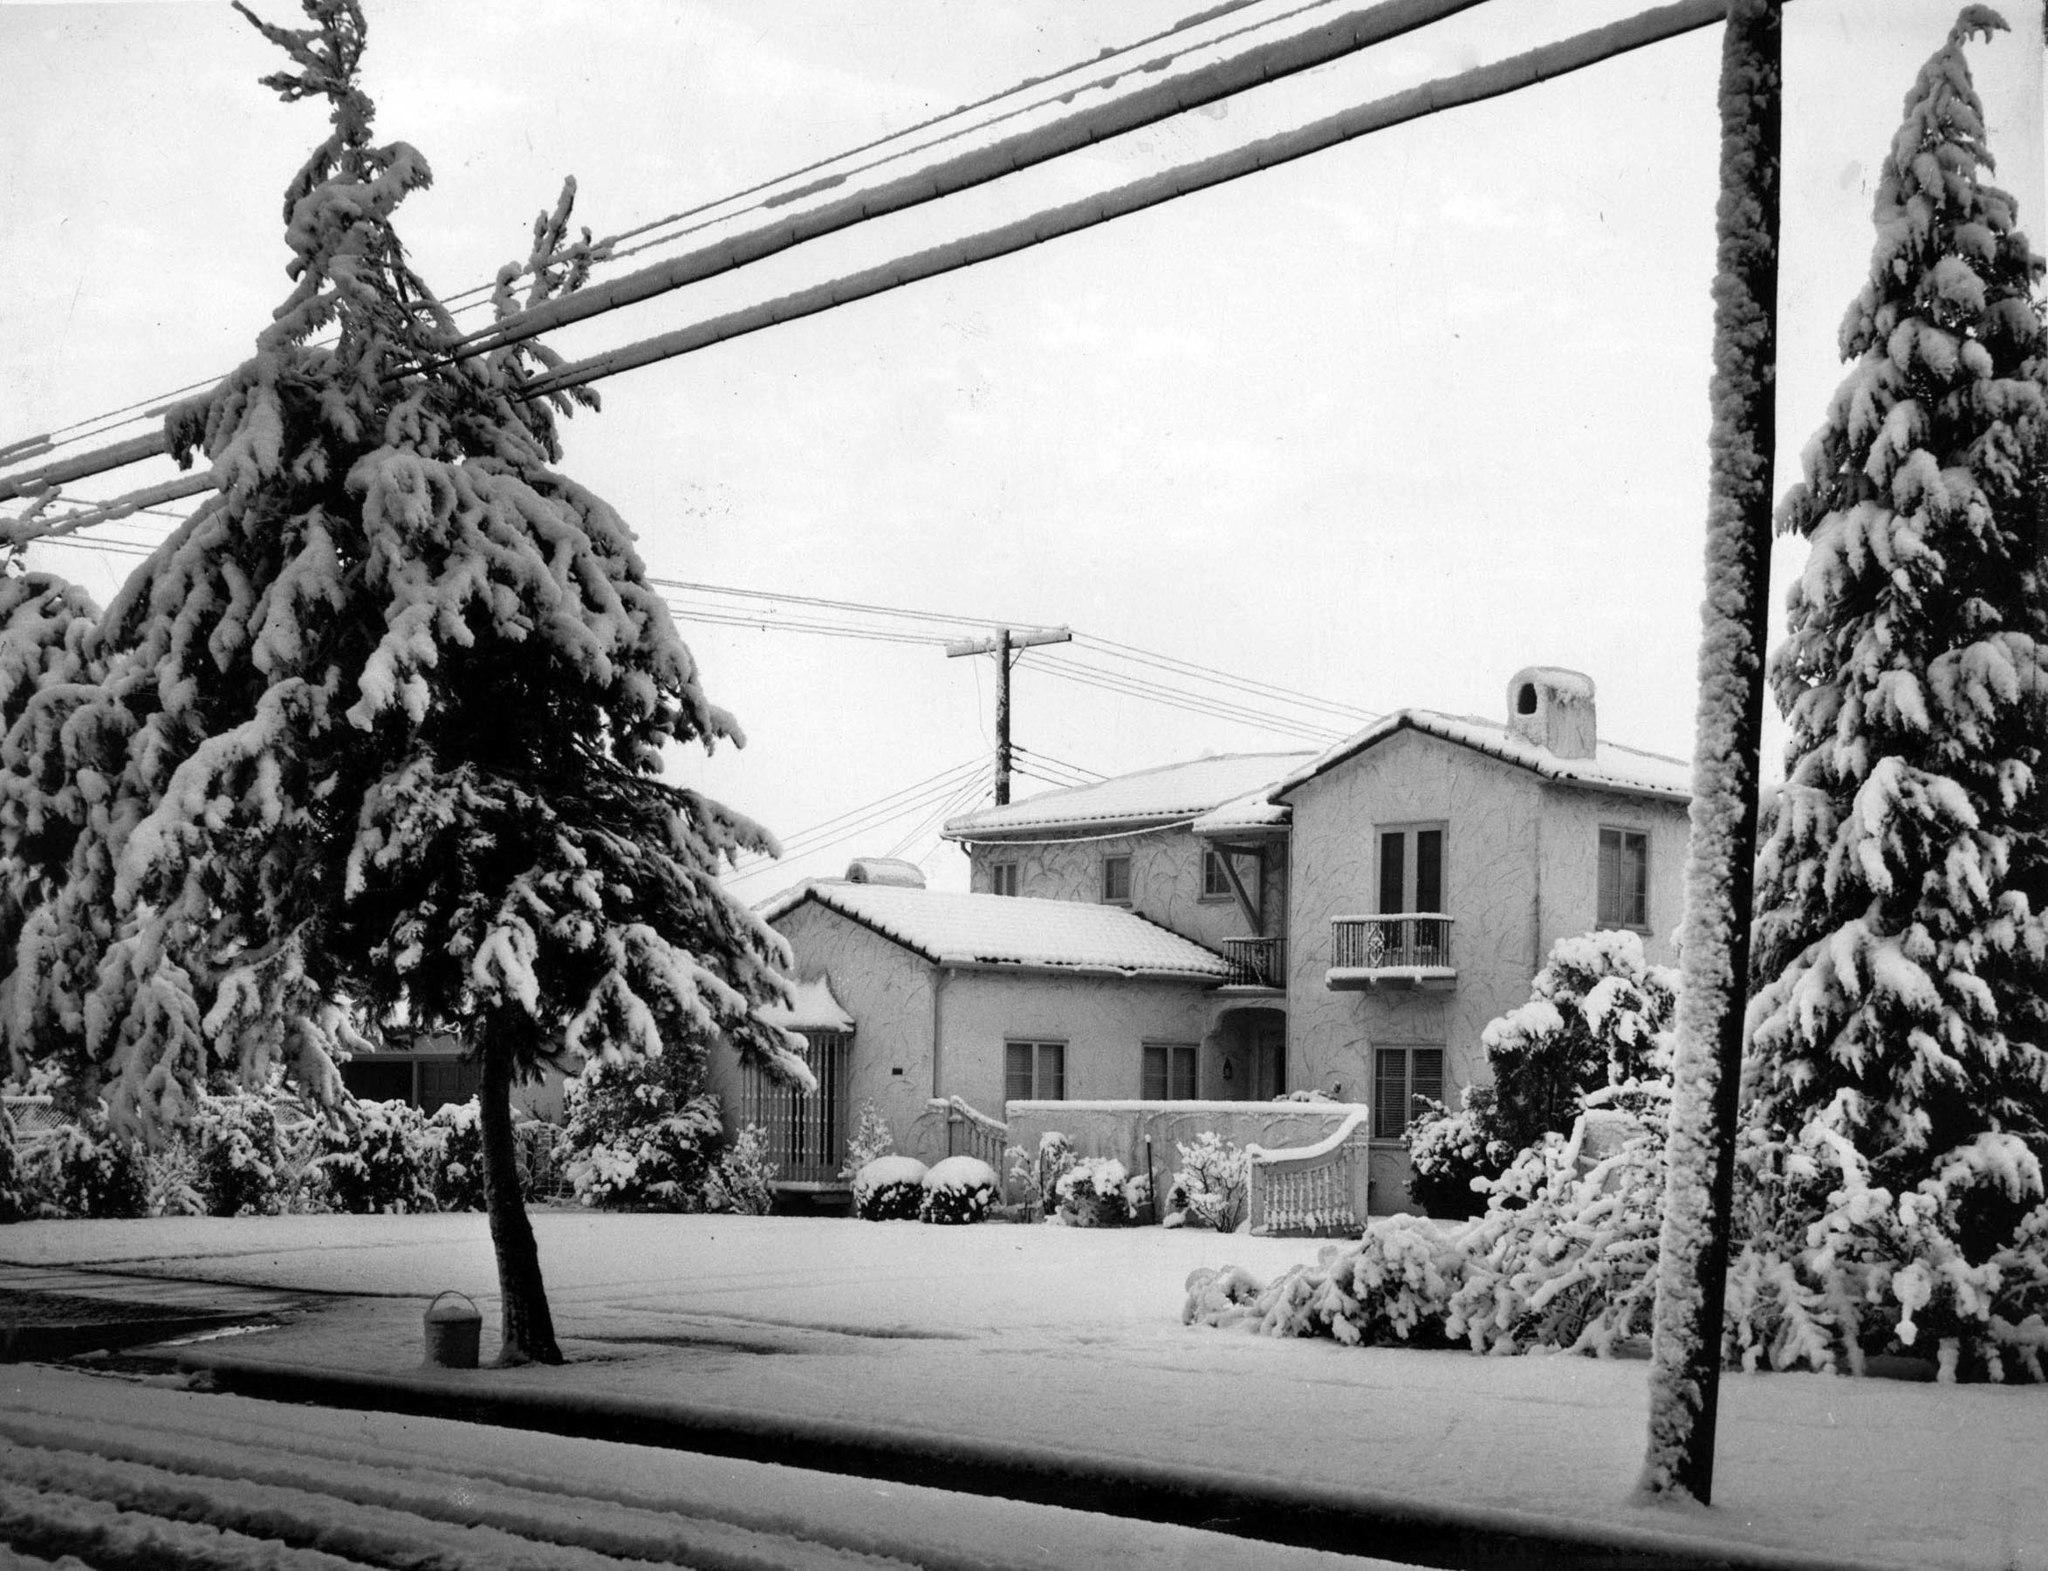 Jan. 11, 1949